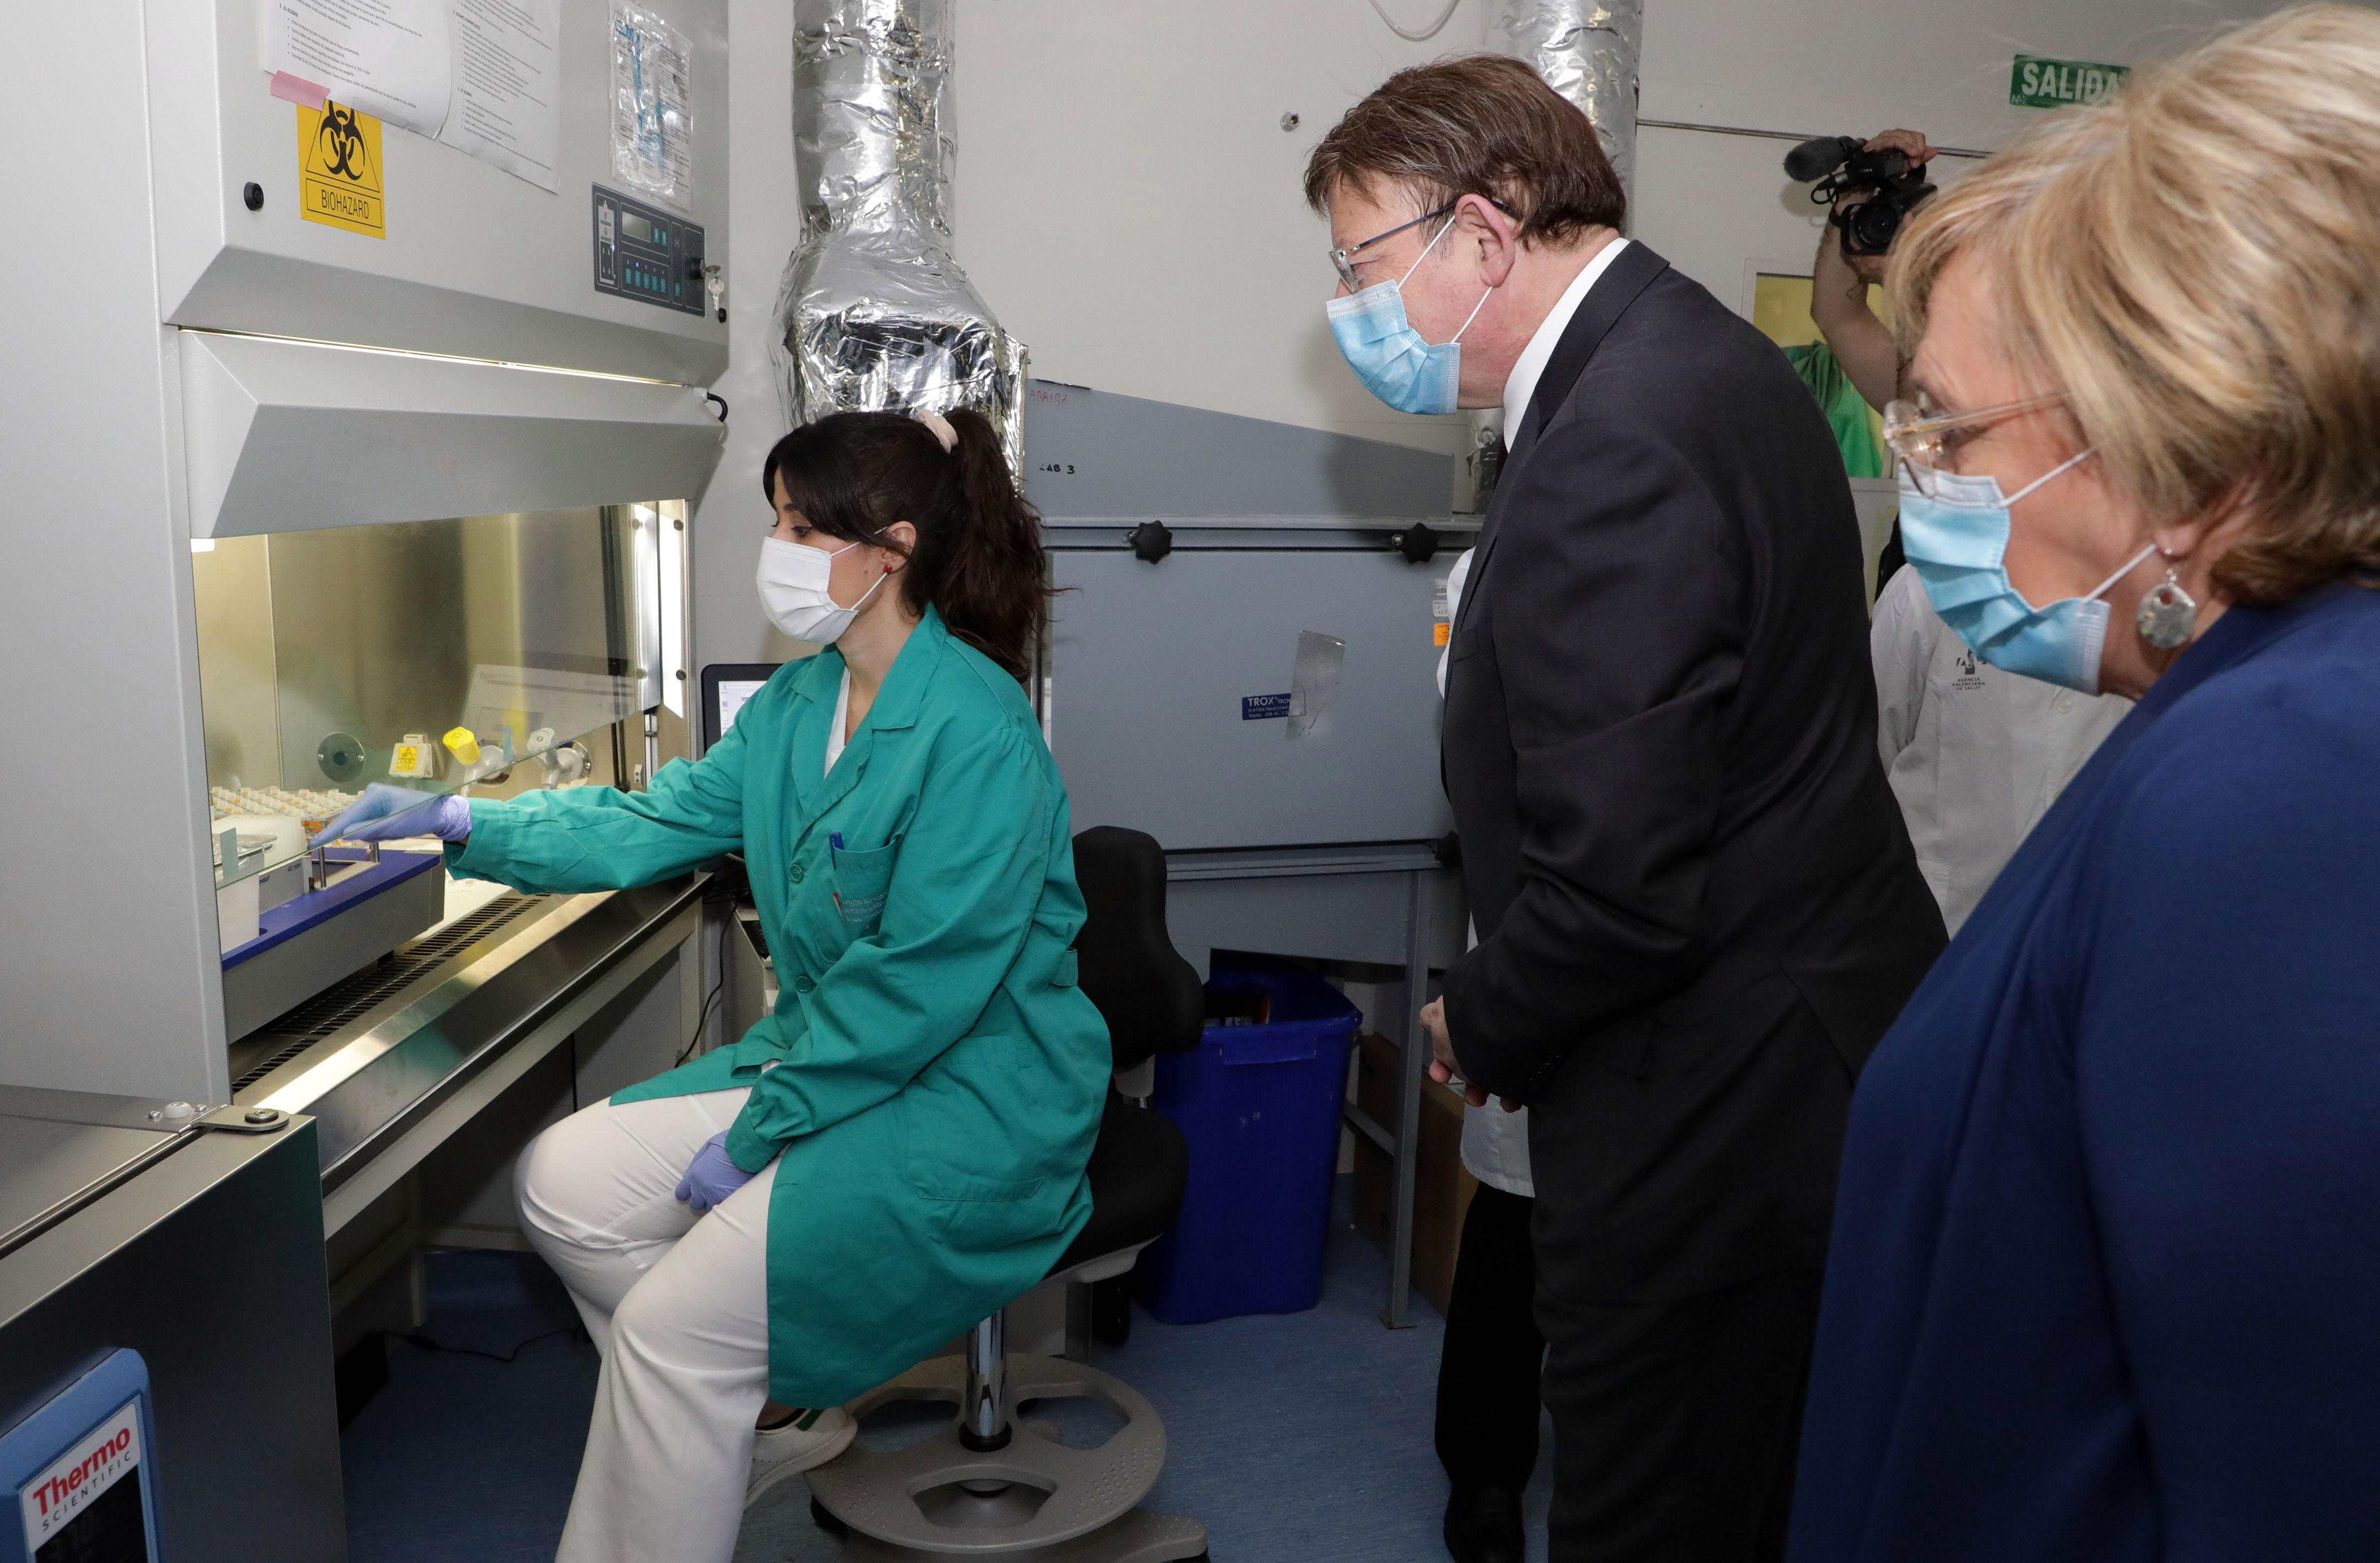 """Ximo Puig anuncia que Fisabio participa en el desenvolupament d""""un nou test per a diagnosticar el virus de la COVID-19 de manera més ràpida i precisa"""